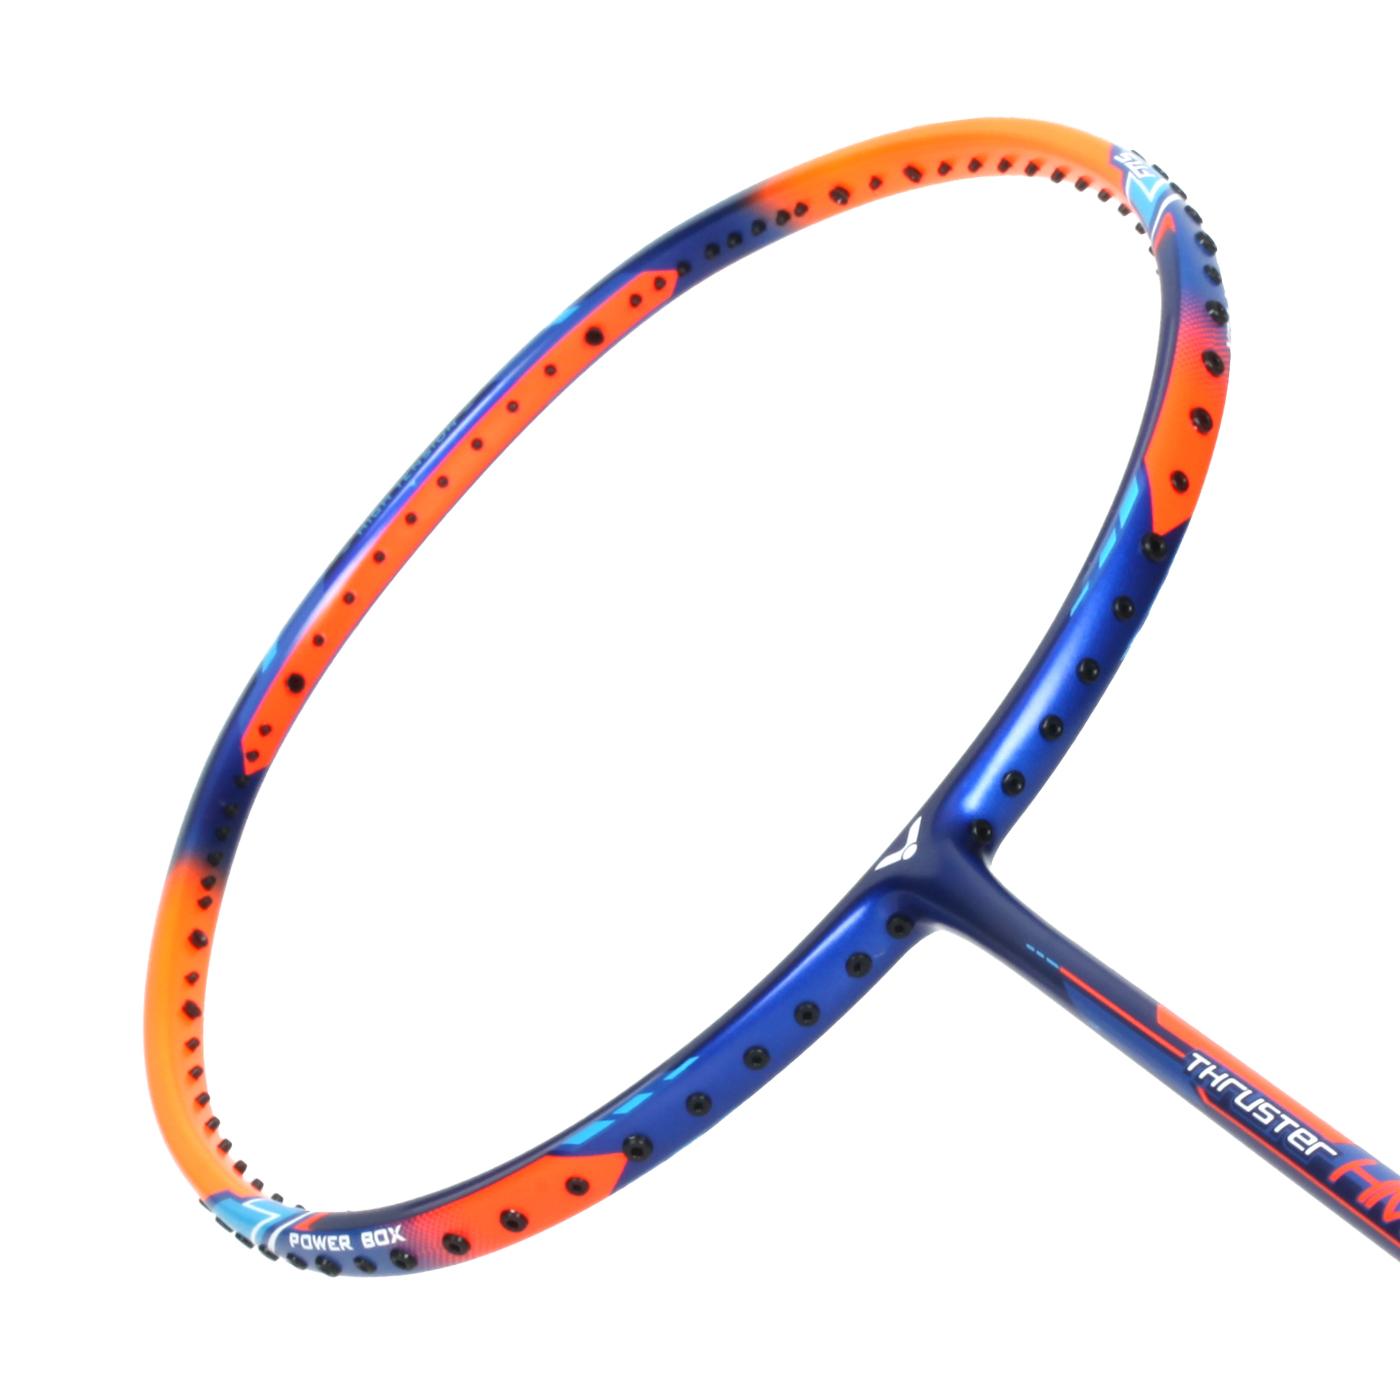 VICTOR 突擊球拍-5U TK-HMR-5U - 藍螢光橘